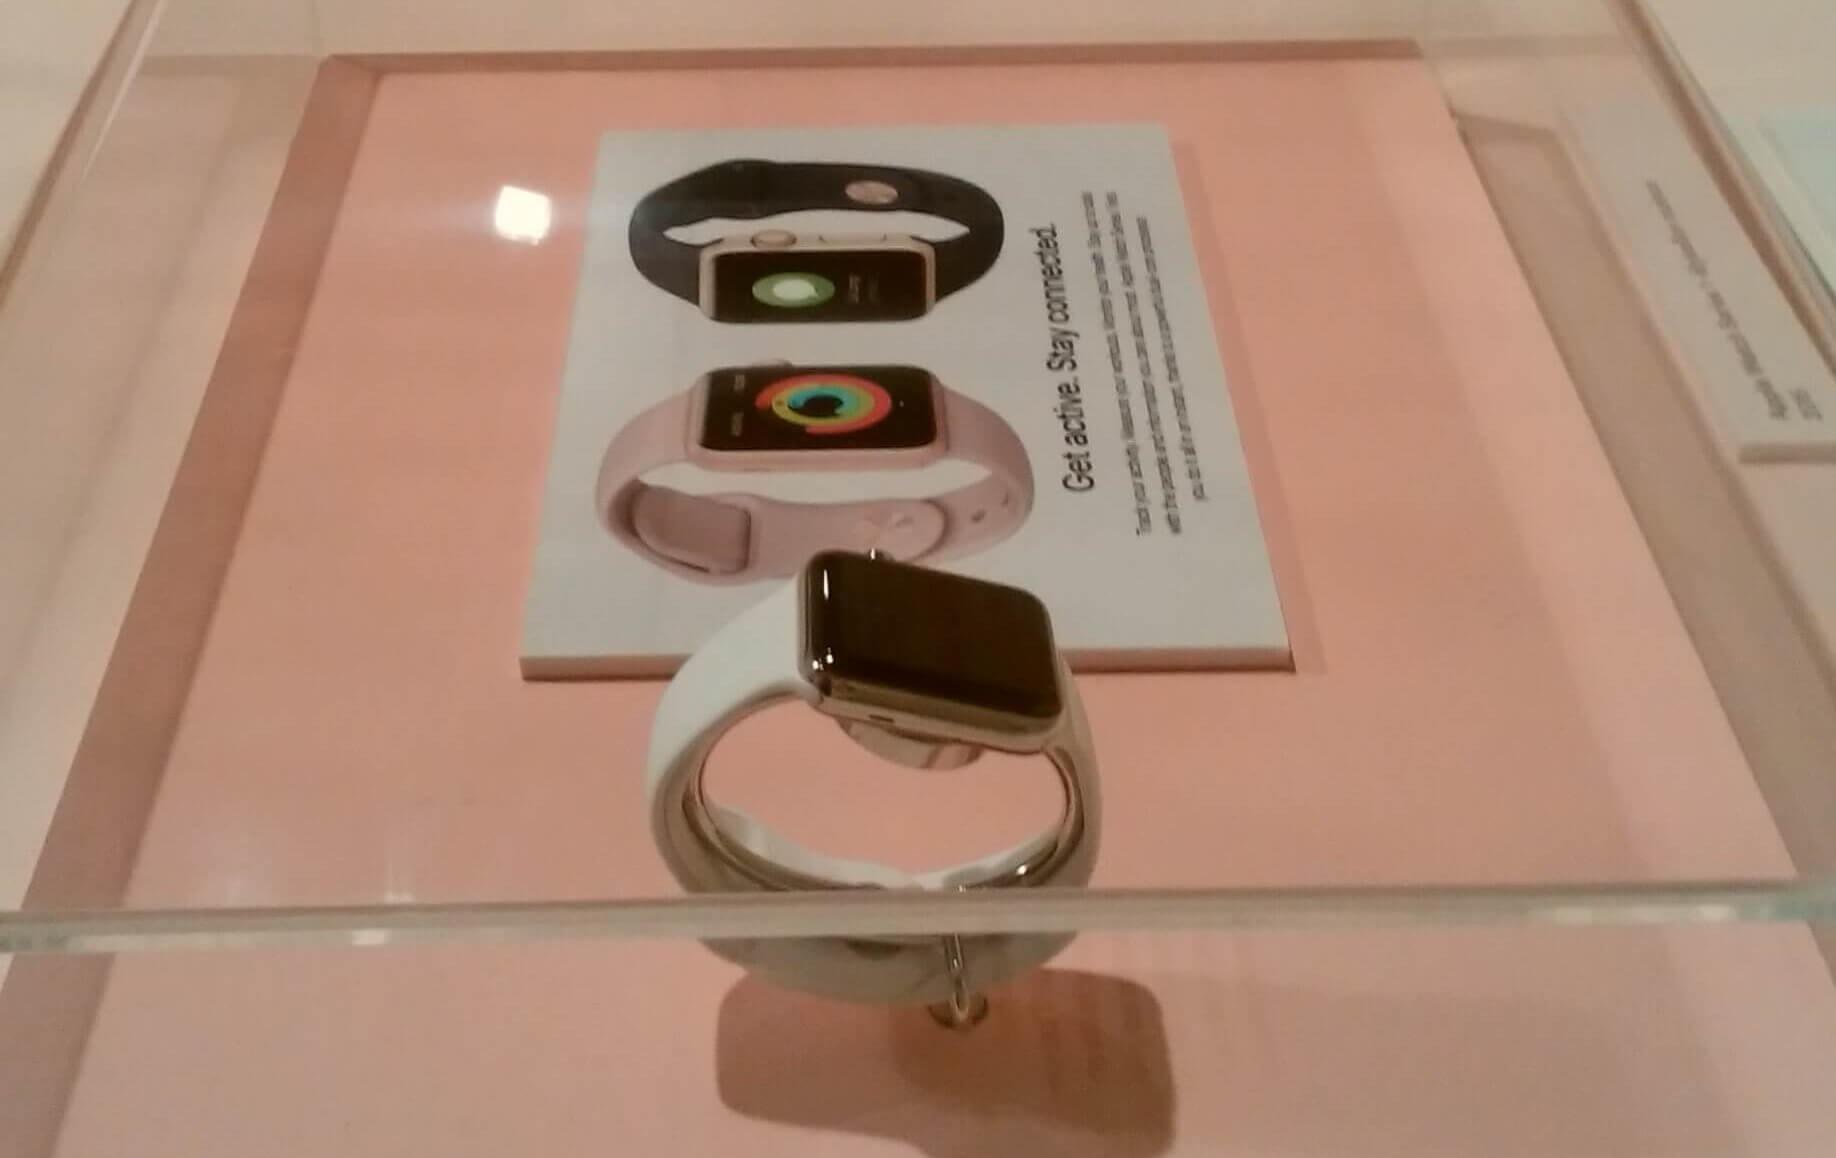 デザイン博物館企画展にはアップルウォッチも展示されていた